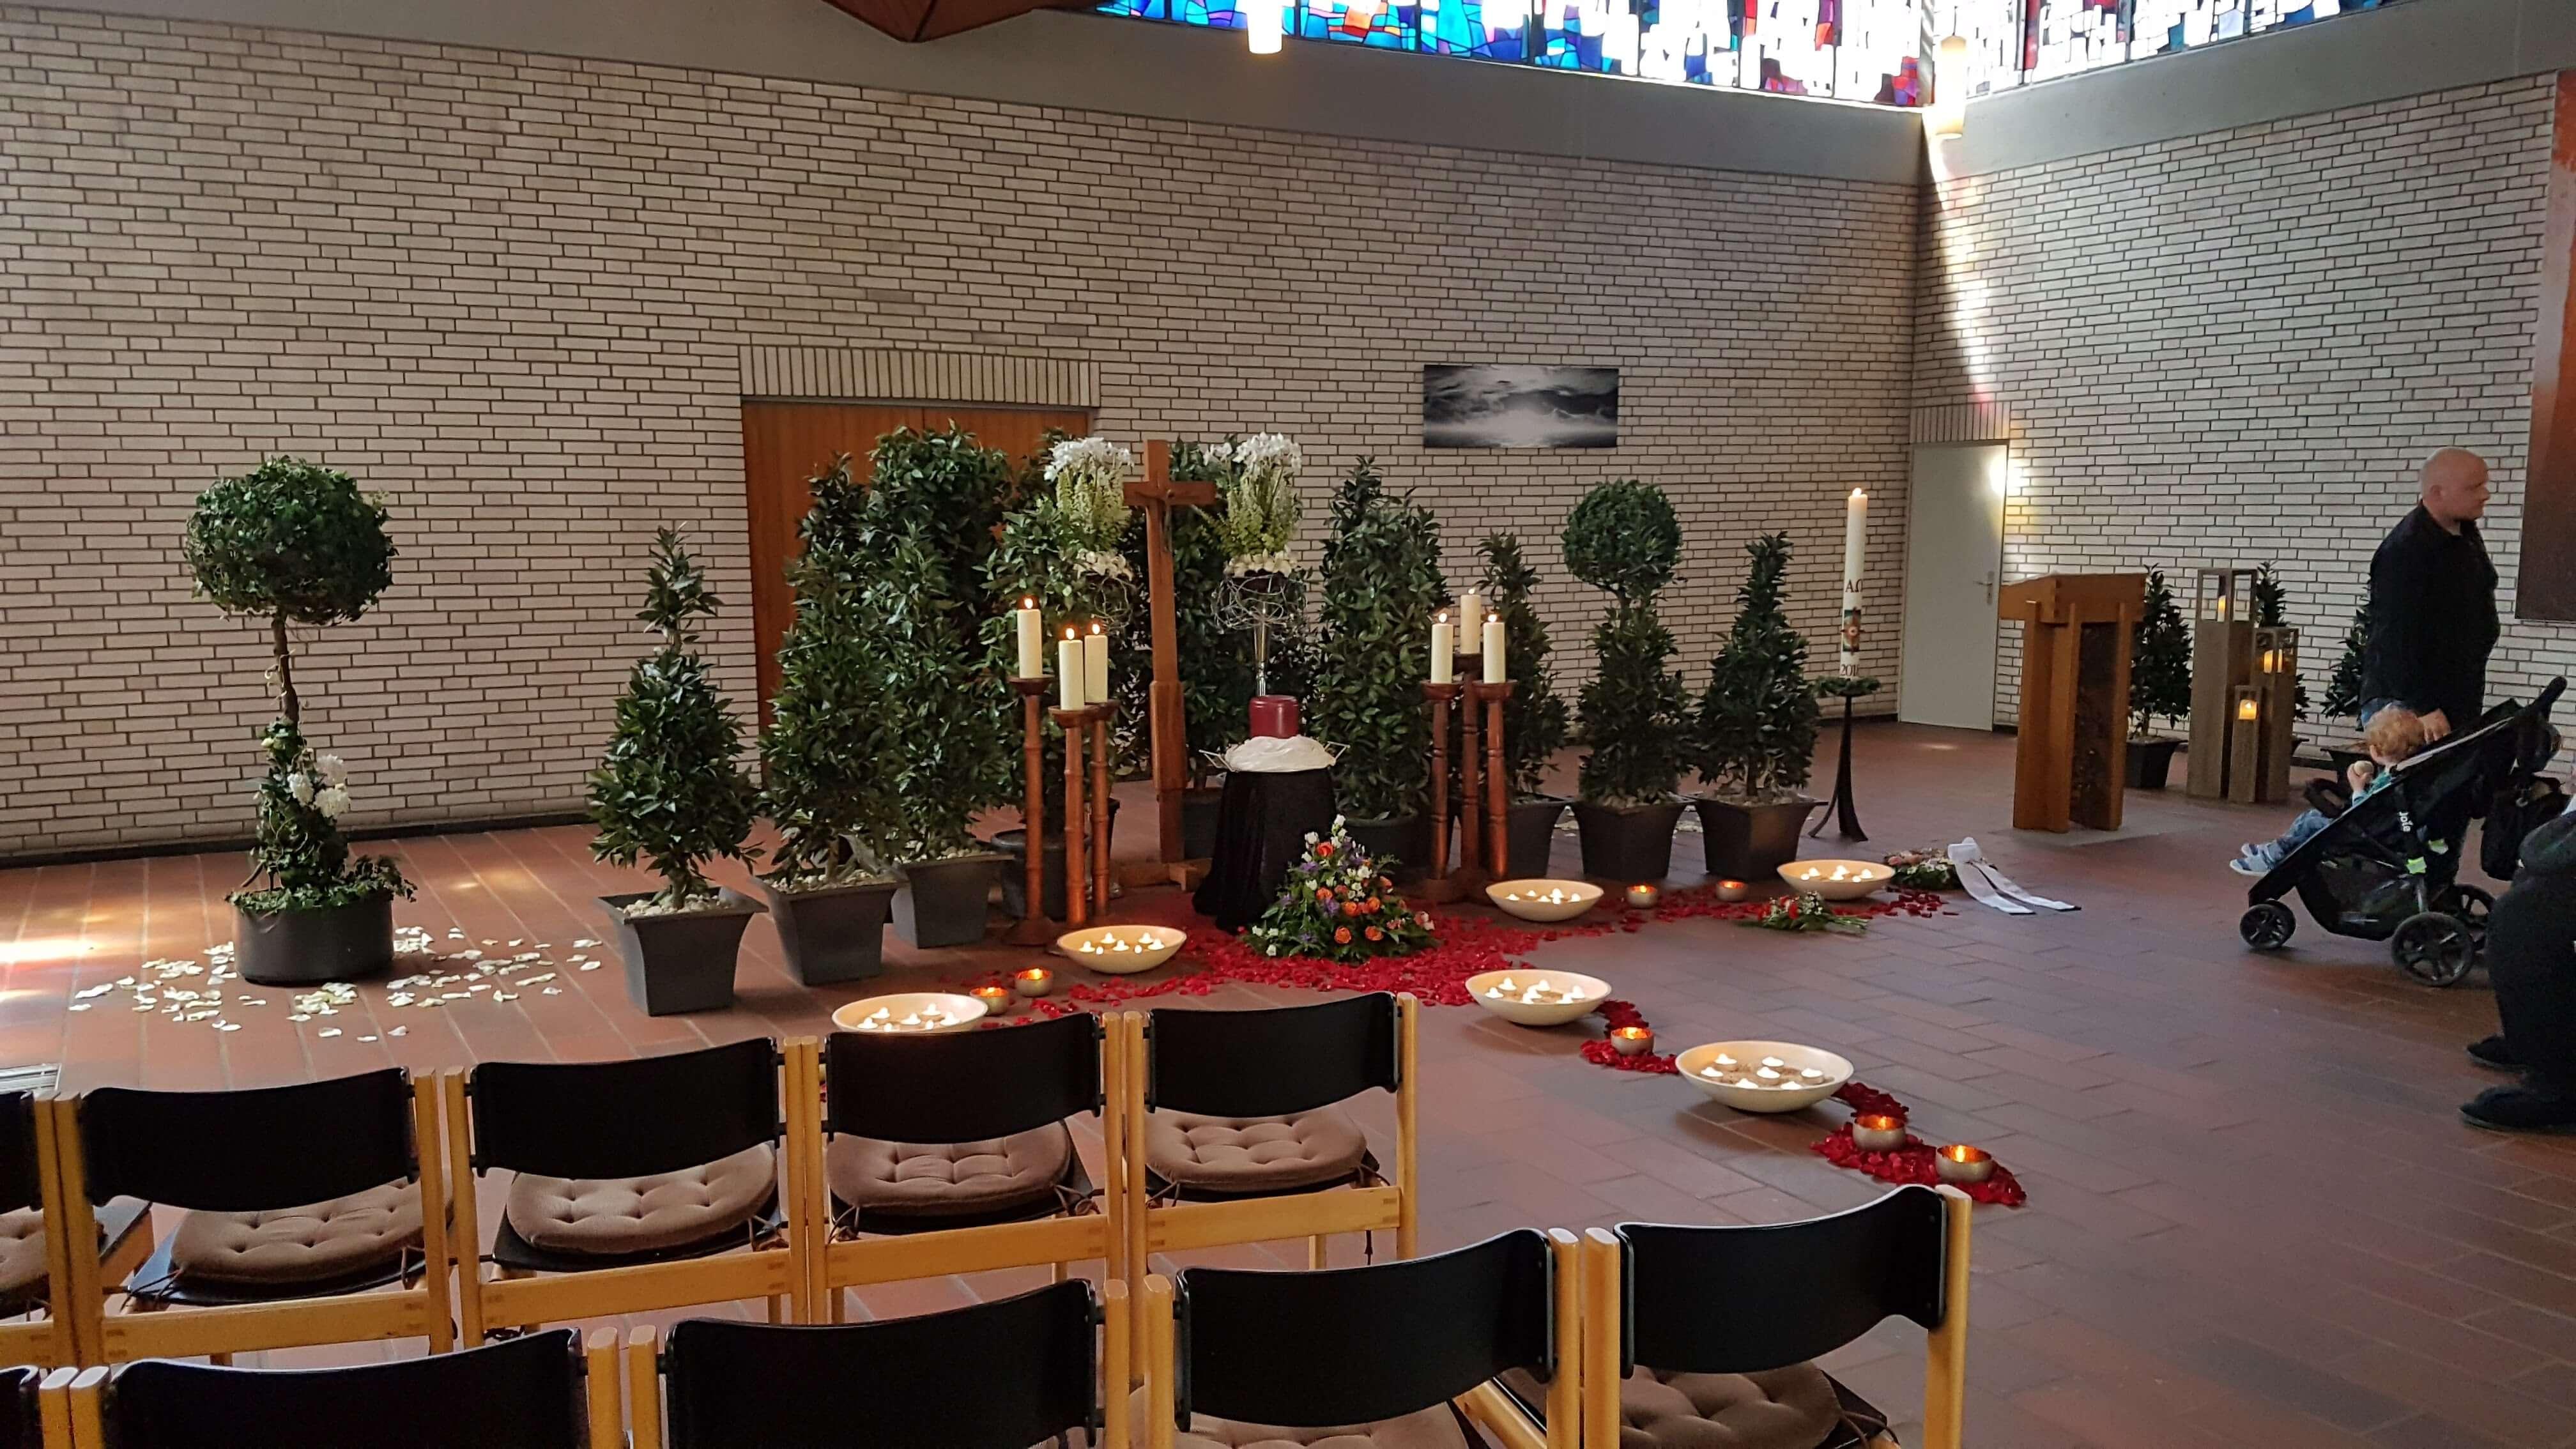 20180517 135739 - Wie war die Beerdigung für mich?